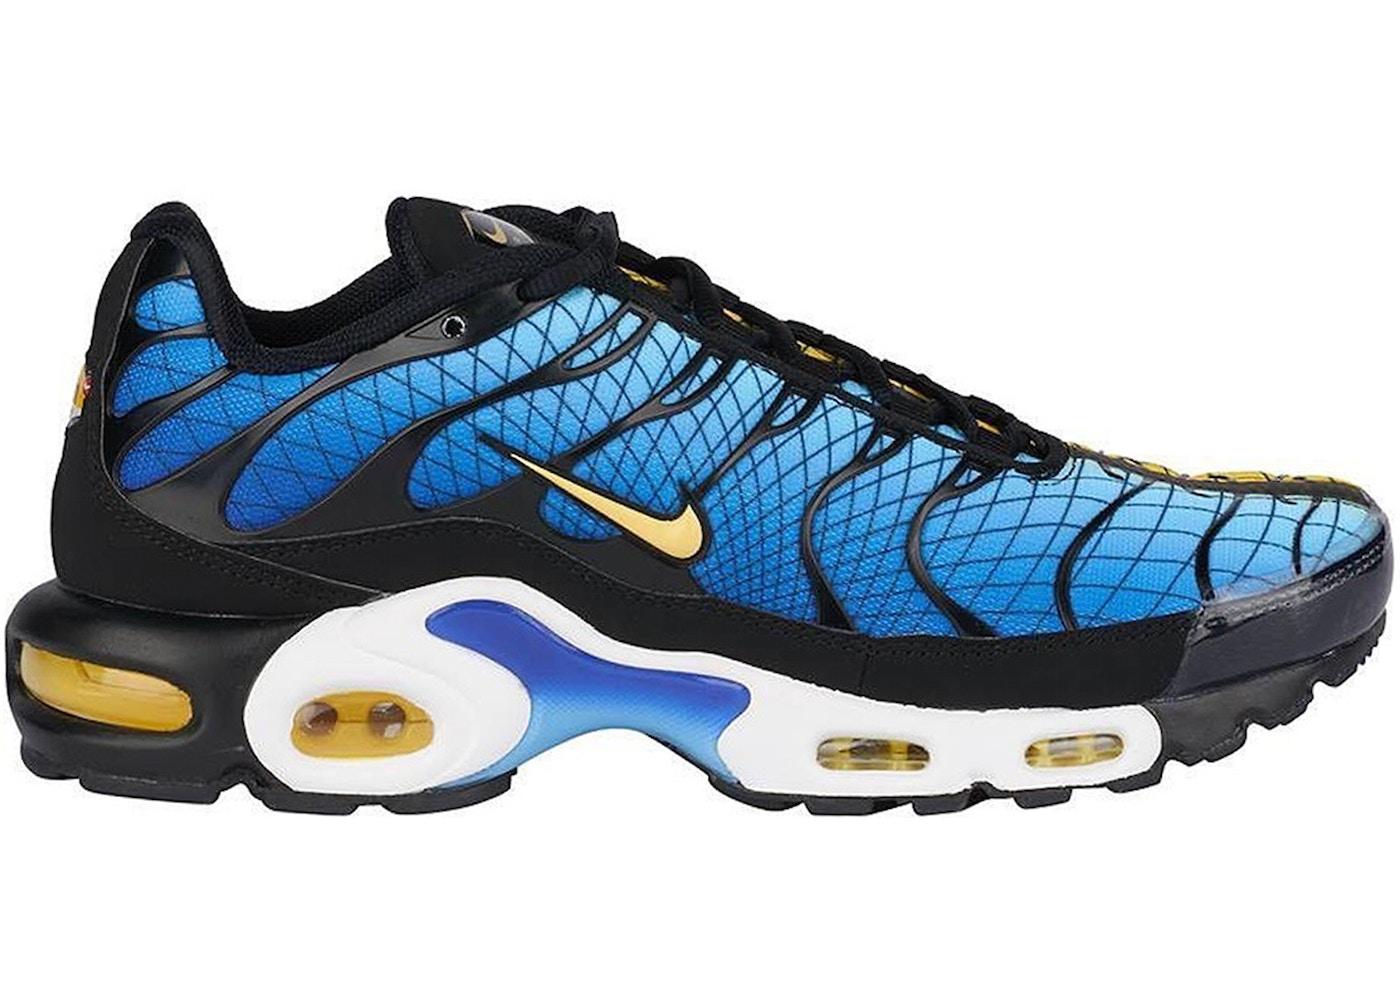 77384f6ee0514 Buy Nike Air Max Plus Shoes & Deadstock Sneakers